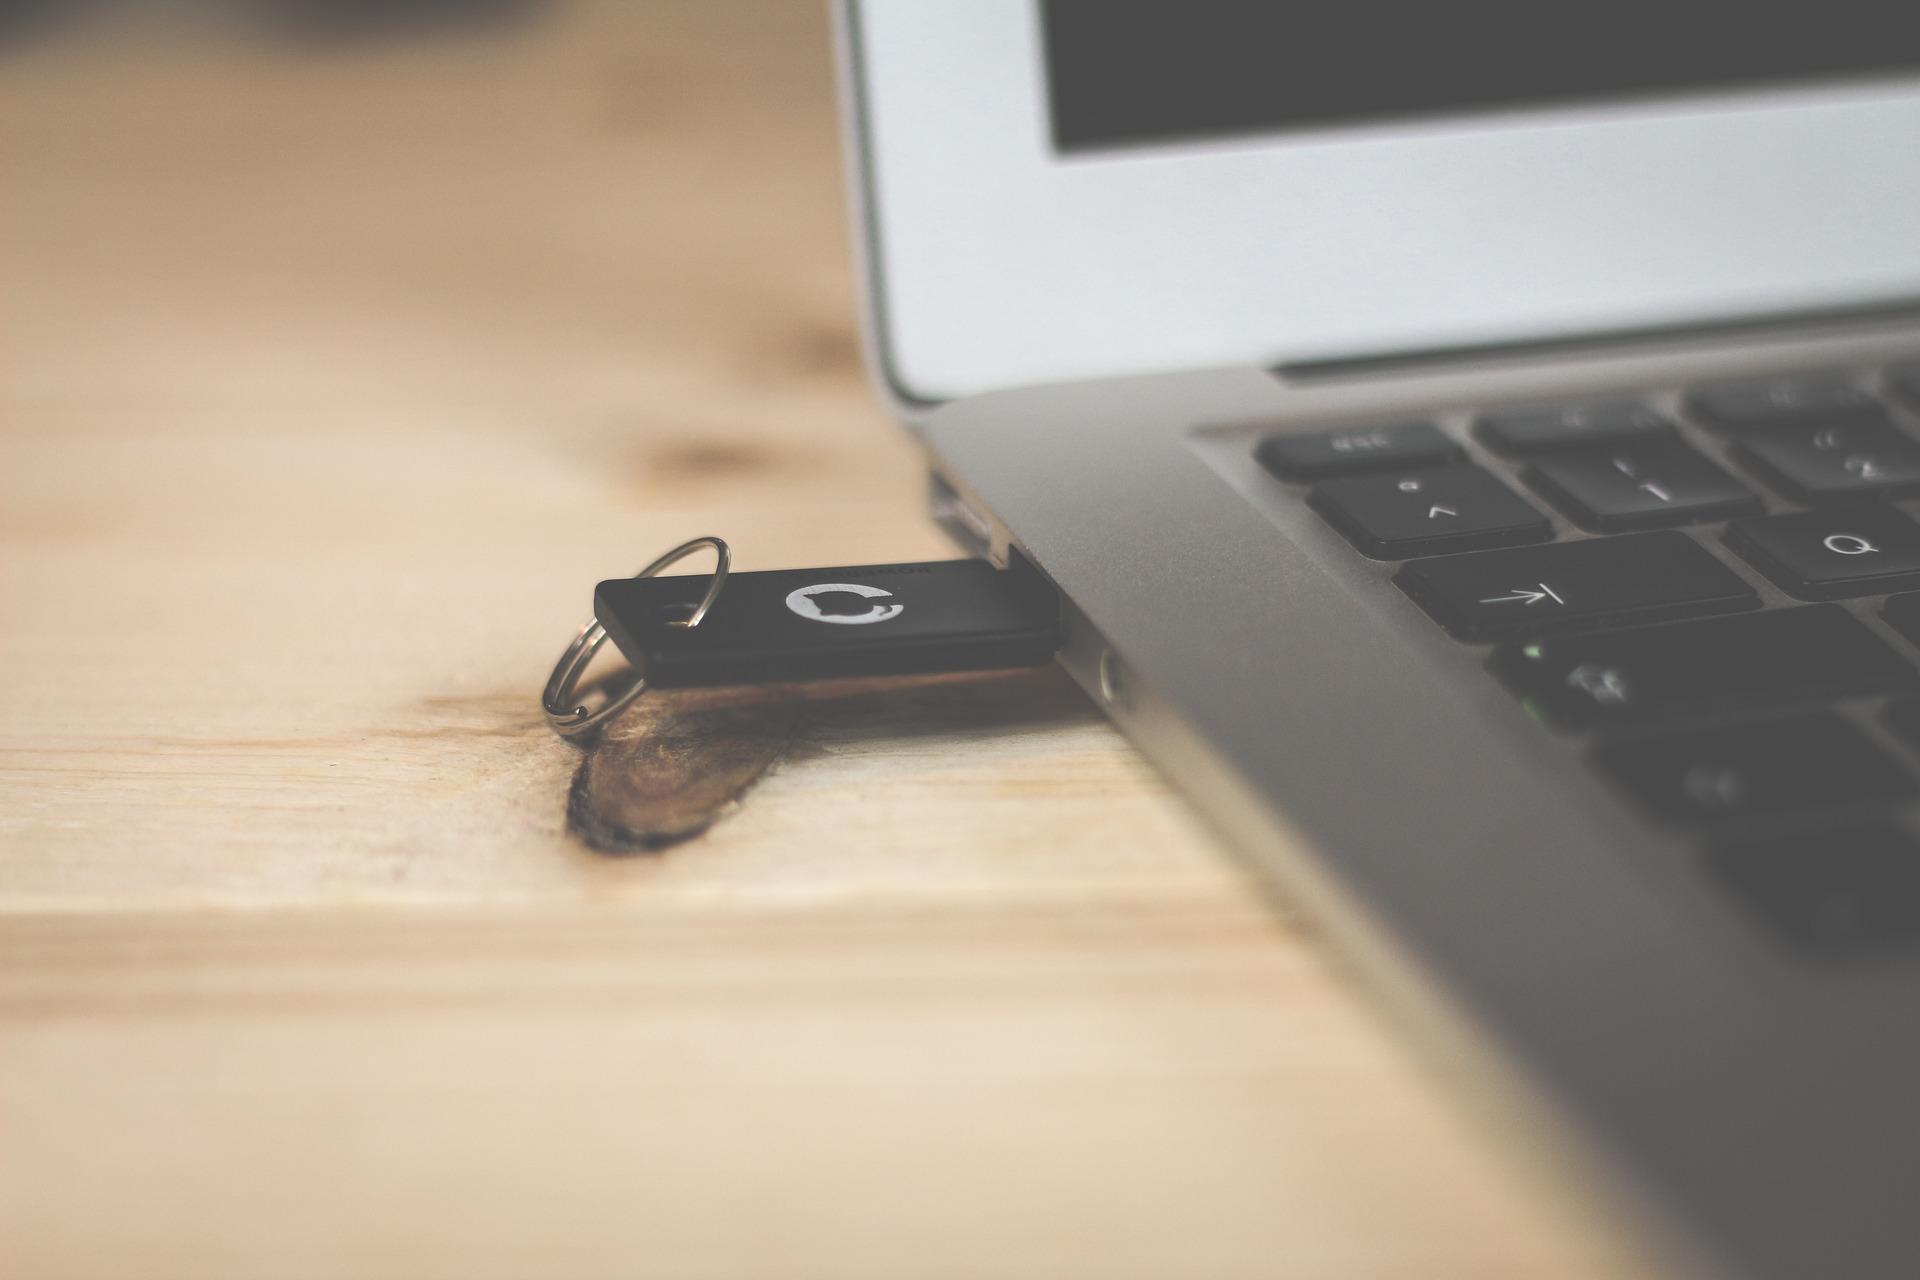 Jak utworzyć dysk startowy dla MacOS?